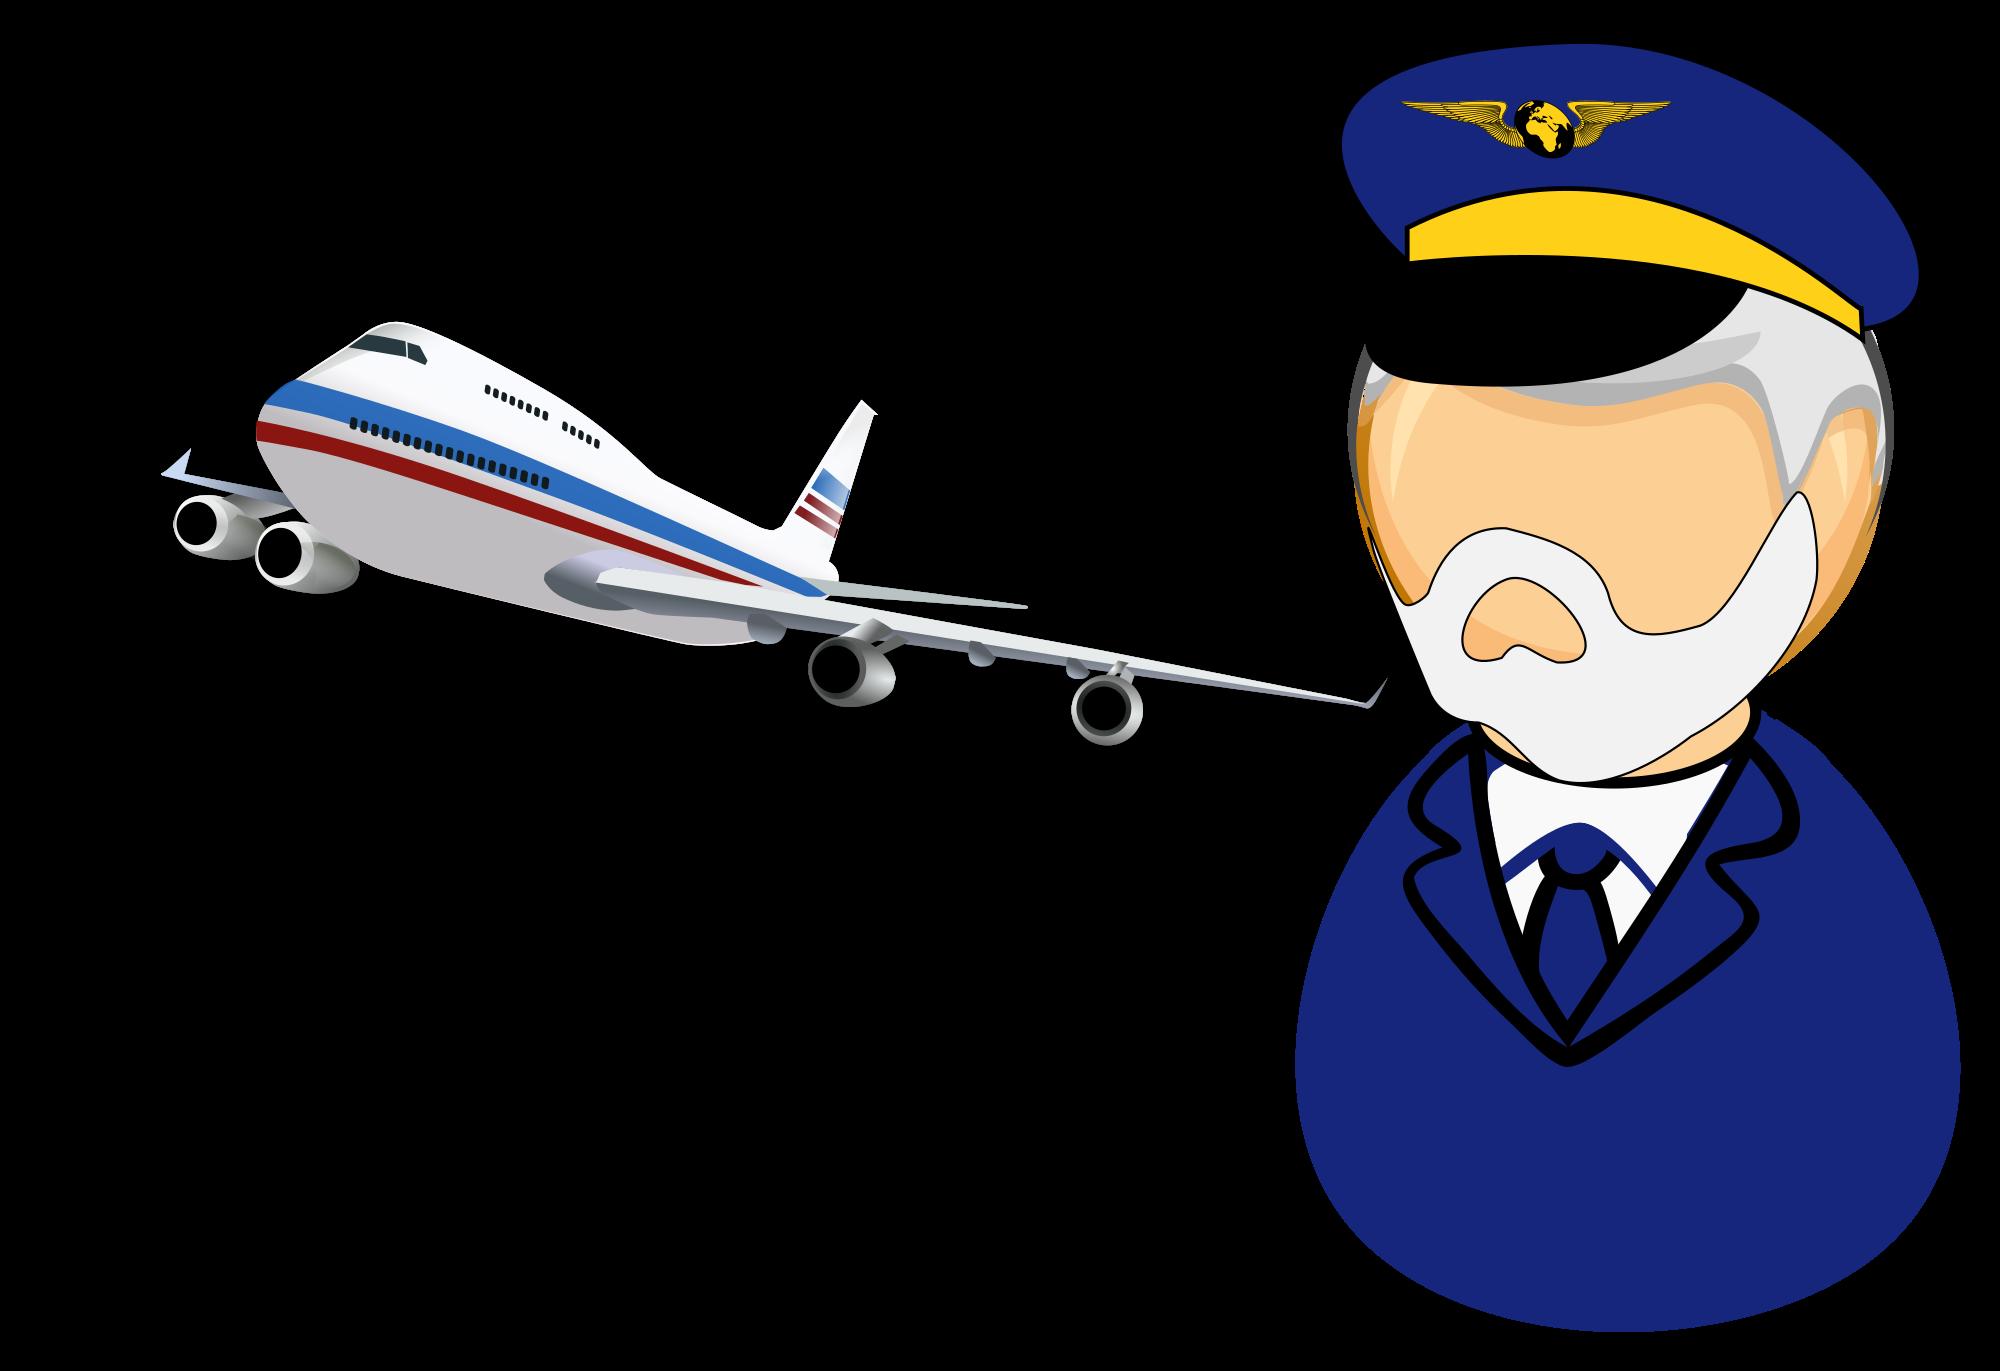 Pilot clipart transparent. File airline by juhele